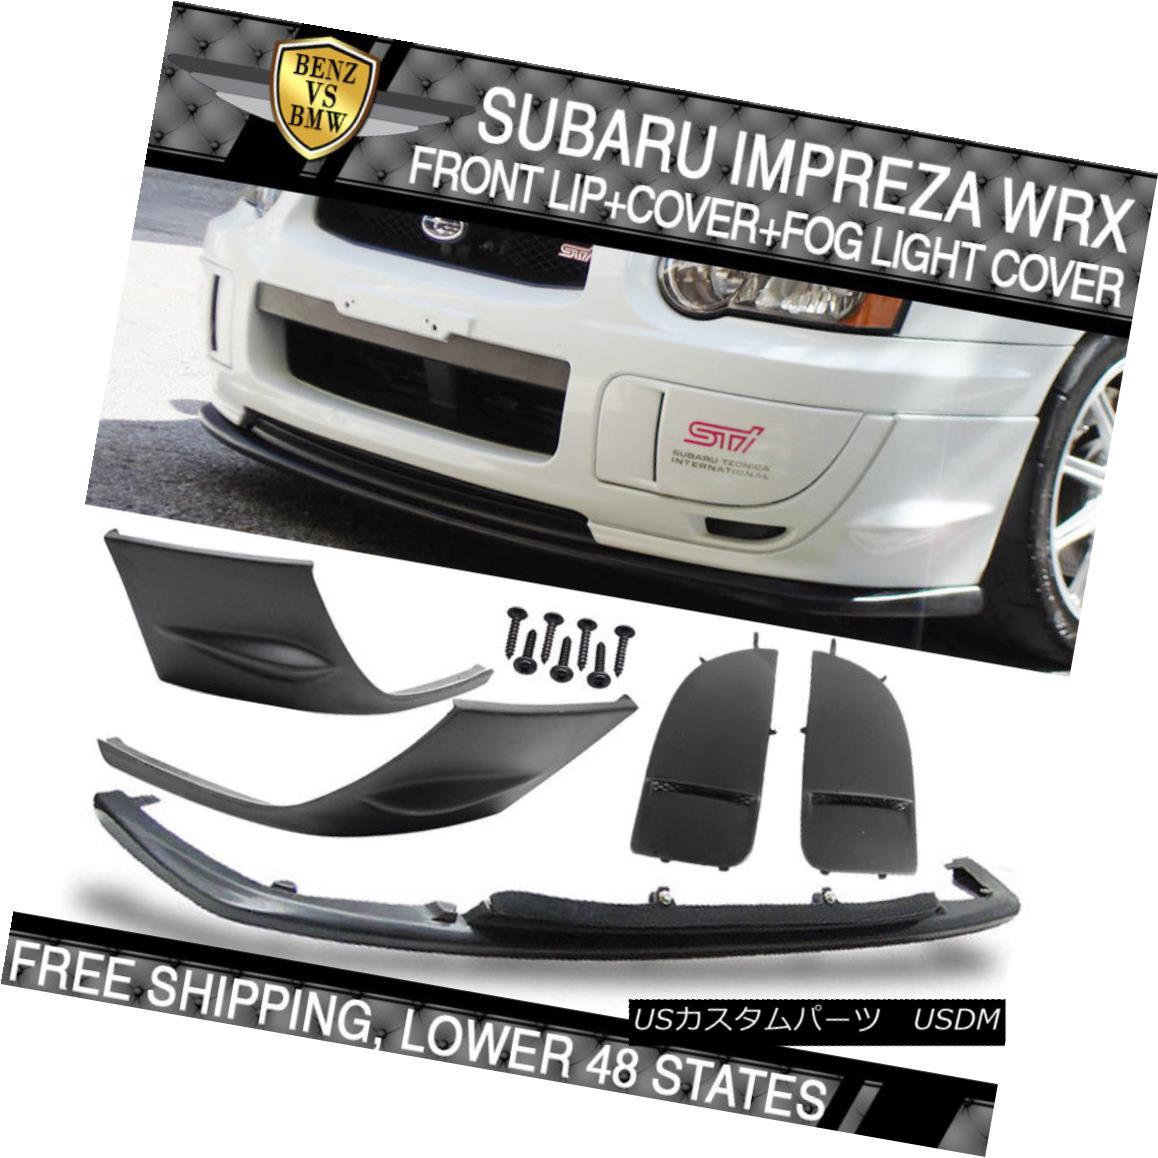 エアロパーツ Fit For Subaru Cover Side Impreza WRX 2004-2005 + V-Limited Side Bumper Cover + Lip+Fog Cover スバルインプレッサWRX 2004-2005用V-Sideサイドバンパーカバー+リップ+フォグカバー, 住の森:d5b3e8b2 --- sunward.msk.ru